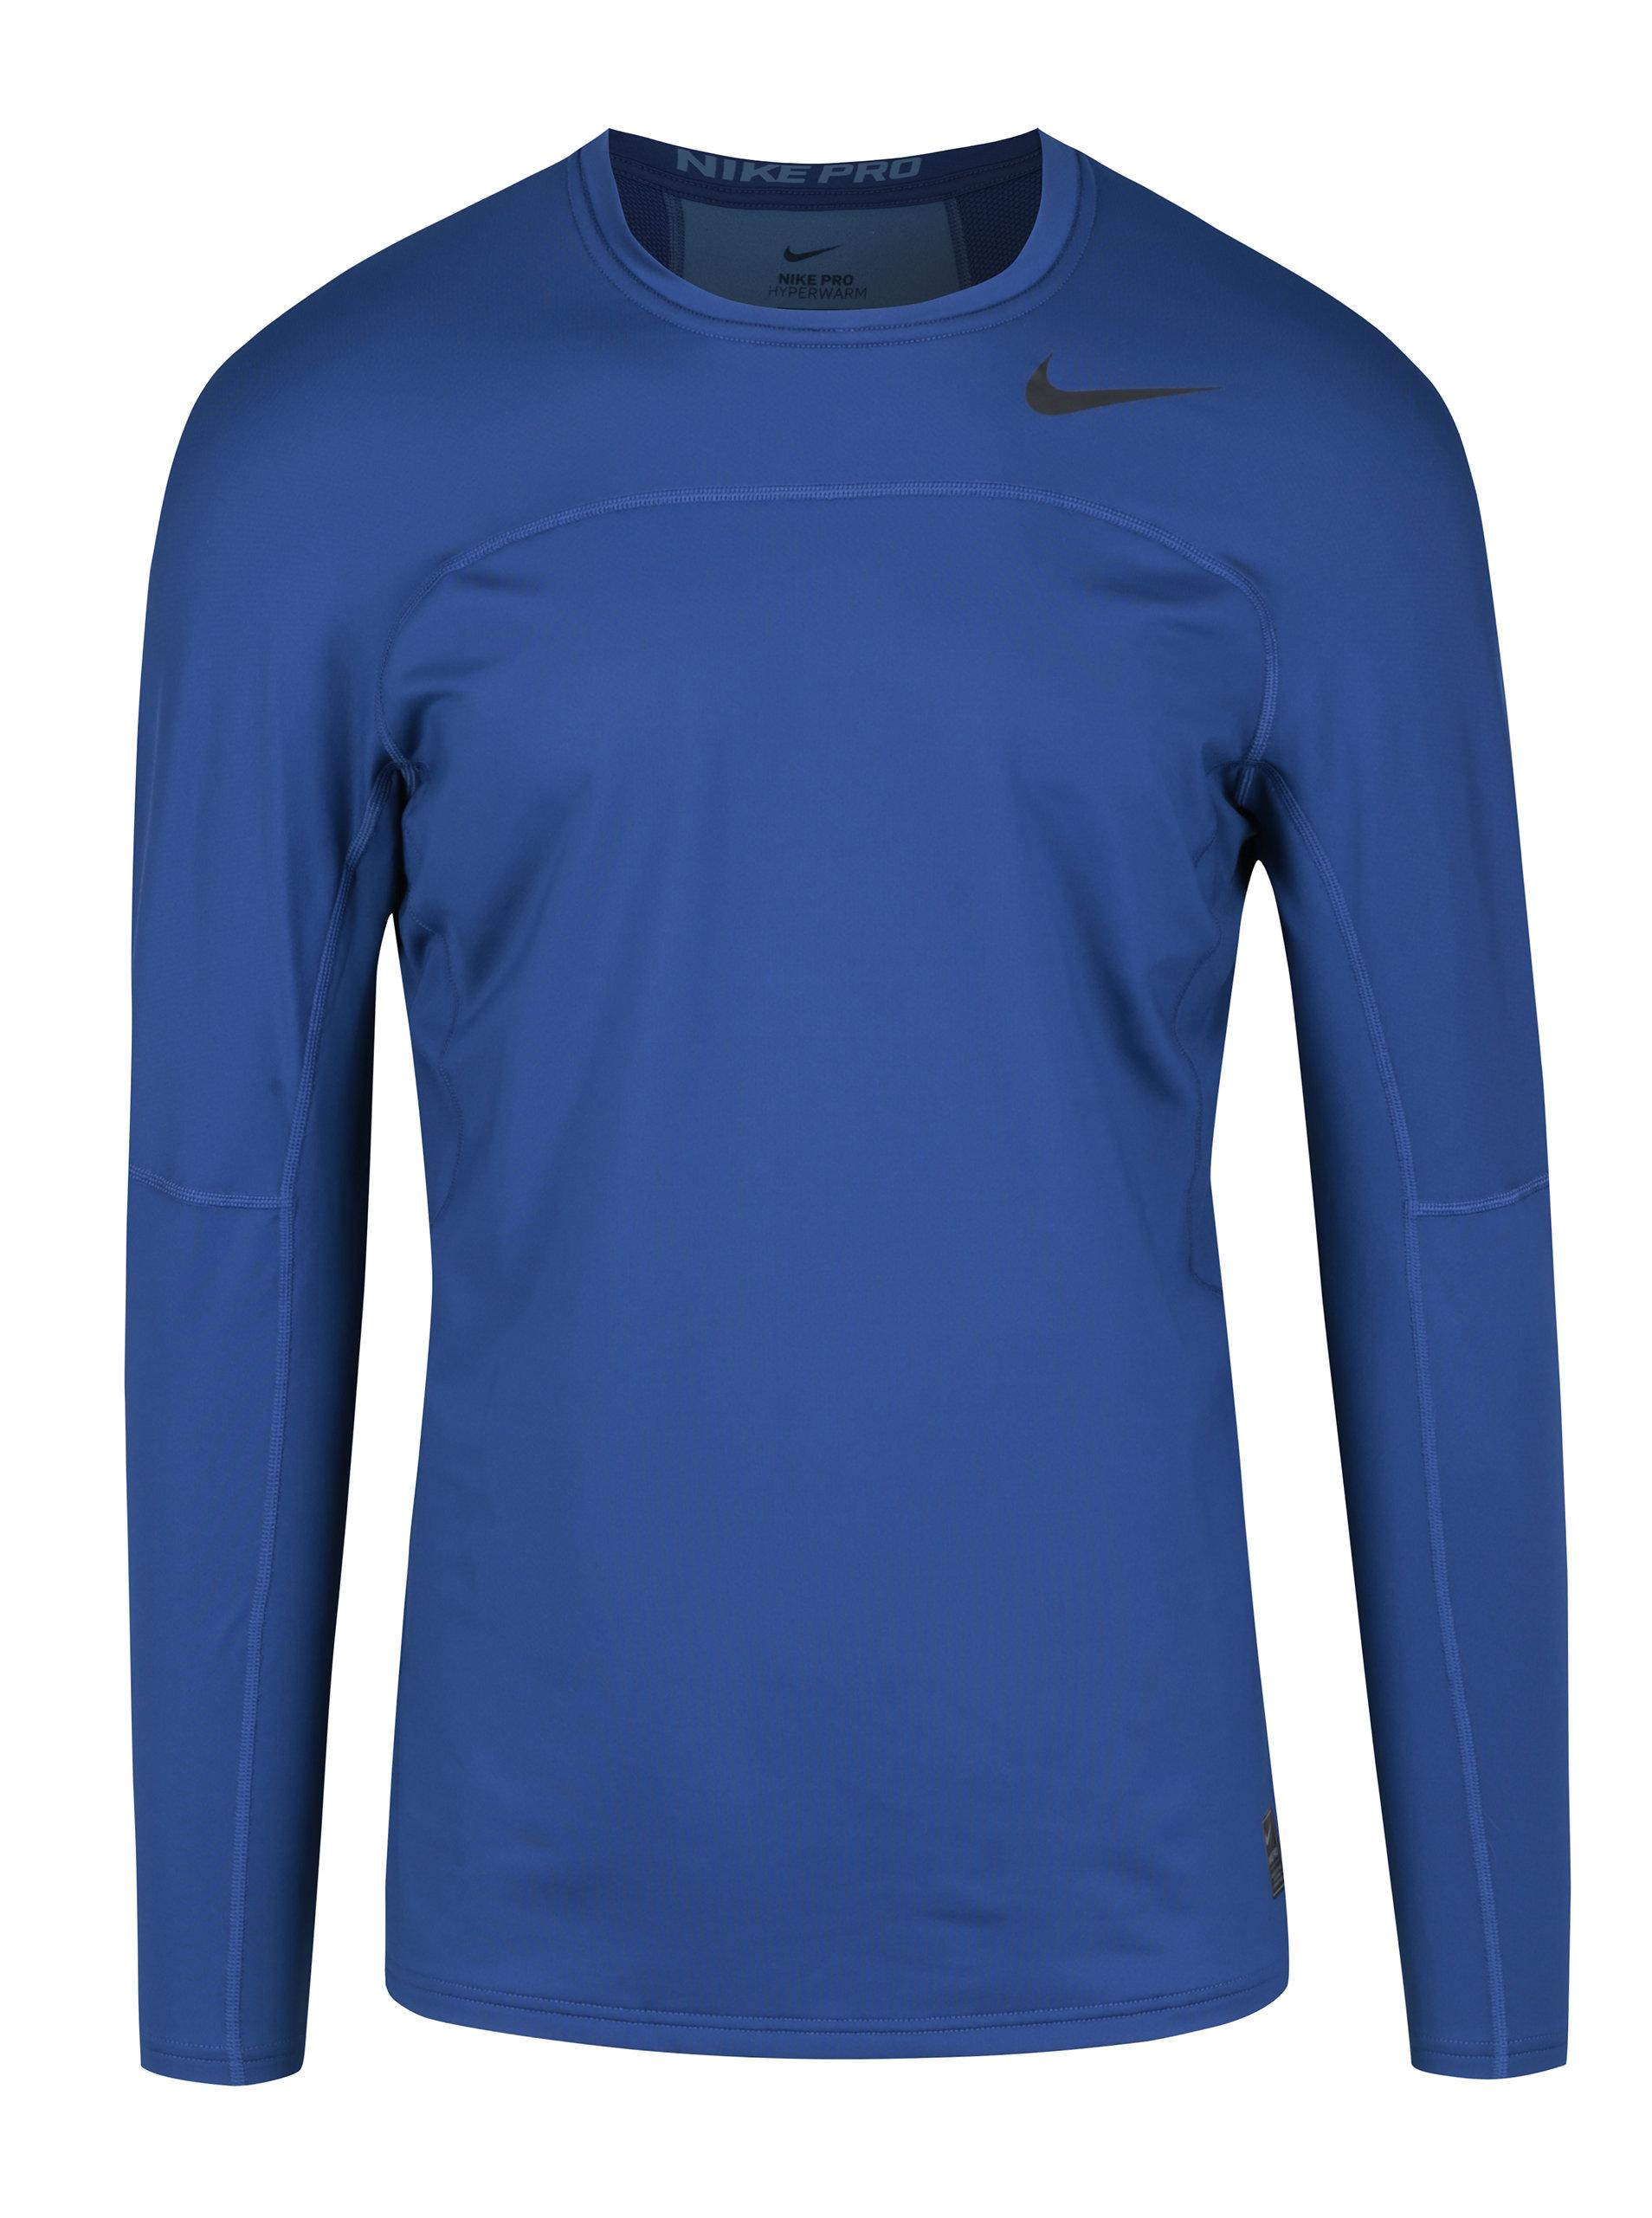 88f63b96db83 Tmavomodré pánske funkčné tričko s dlhým rukávom Nike ...